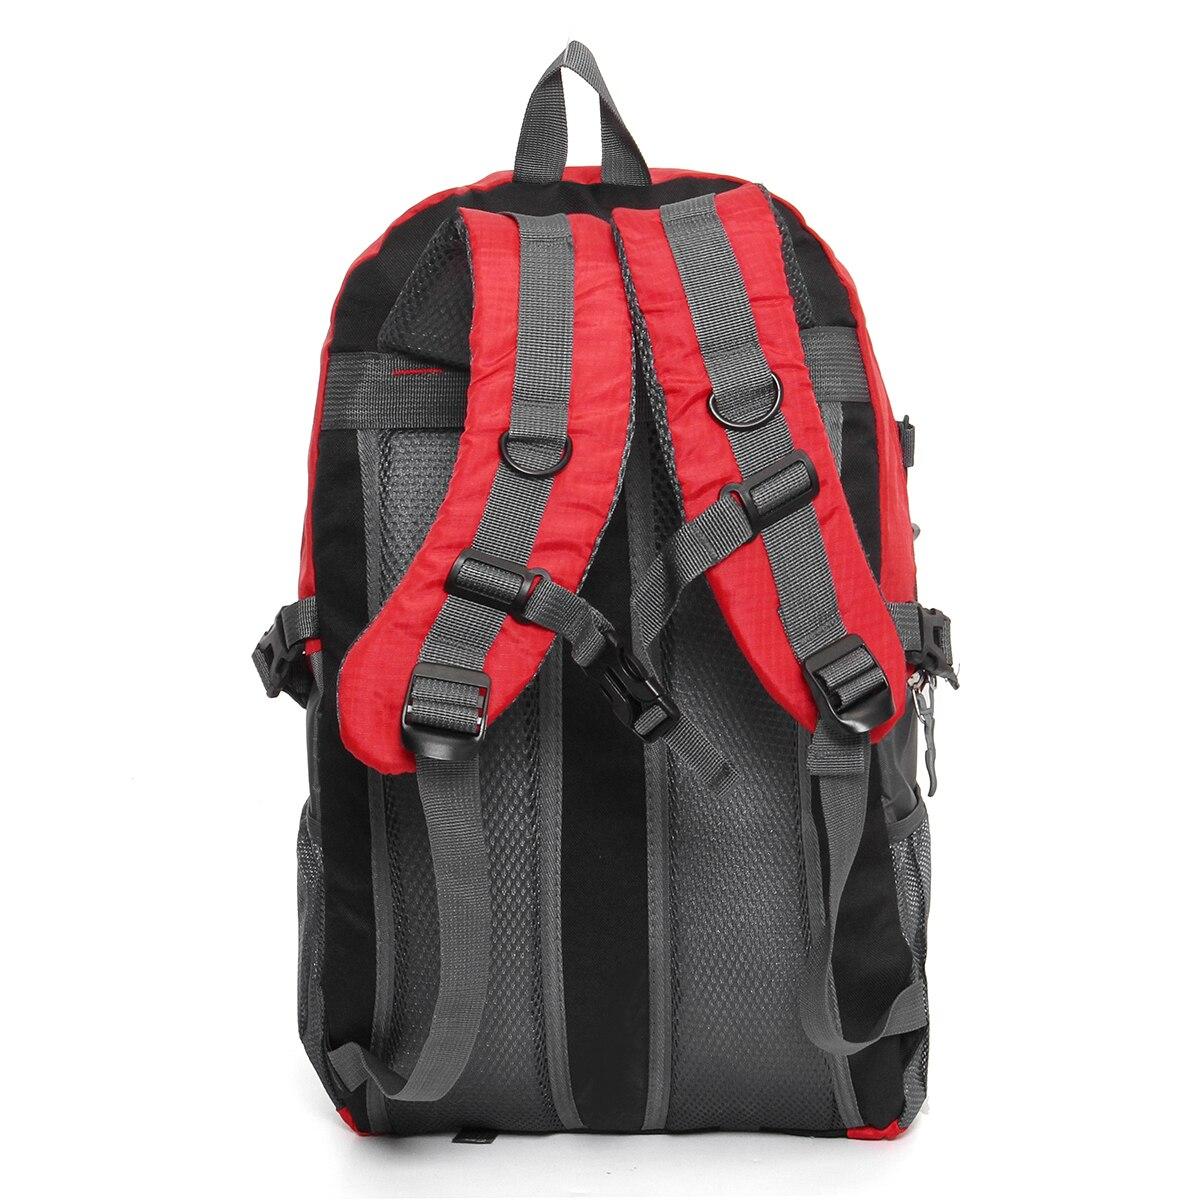 D'escursione red Viaggio green Borsa Color Black Sport Di Campeggio Esterno Impermeabile orange 40l Sacchetto Color Color Zaino blue Color Zainetto IxwFqSOY